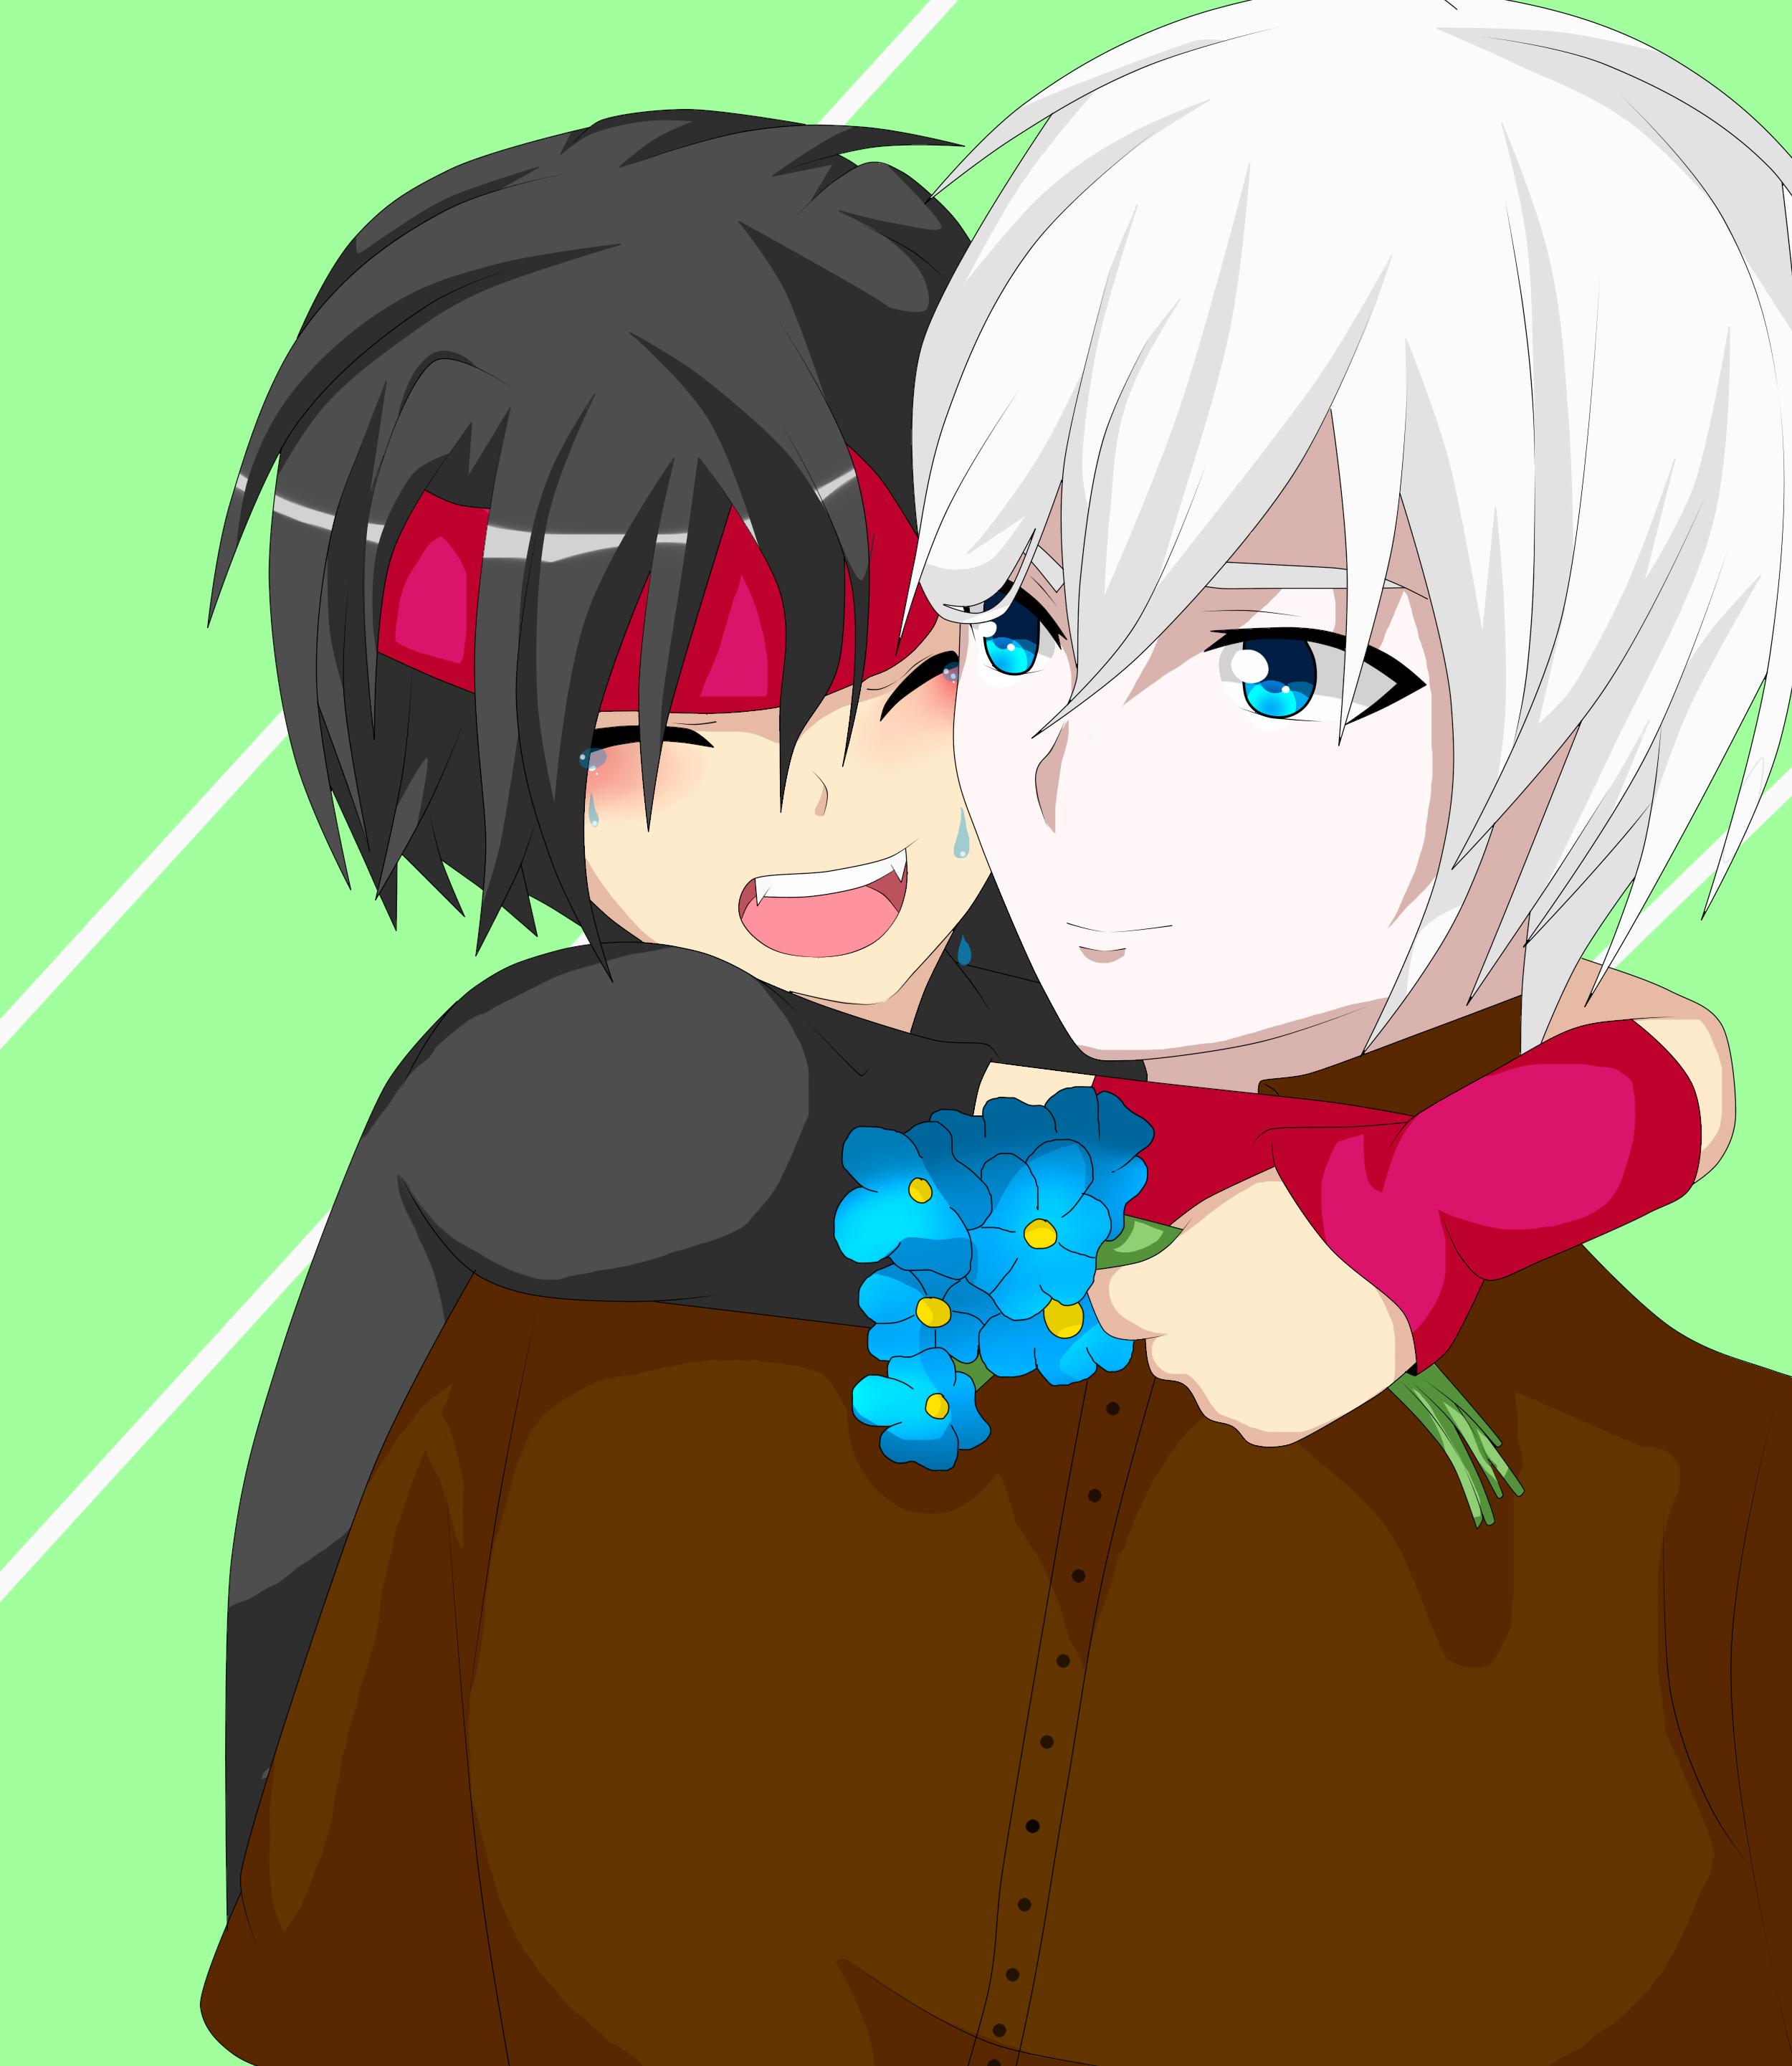 Garu y Daniel by RyuujiKarami